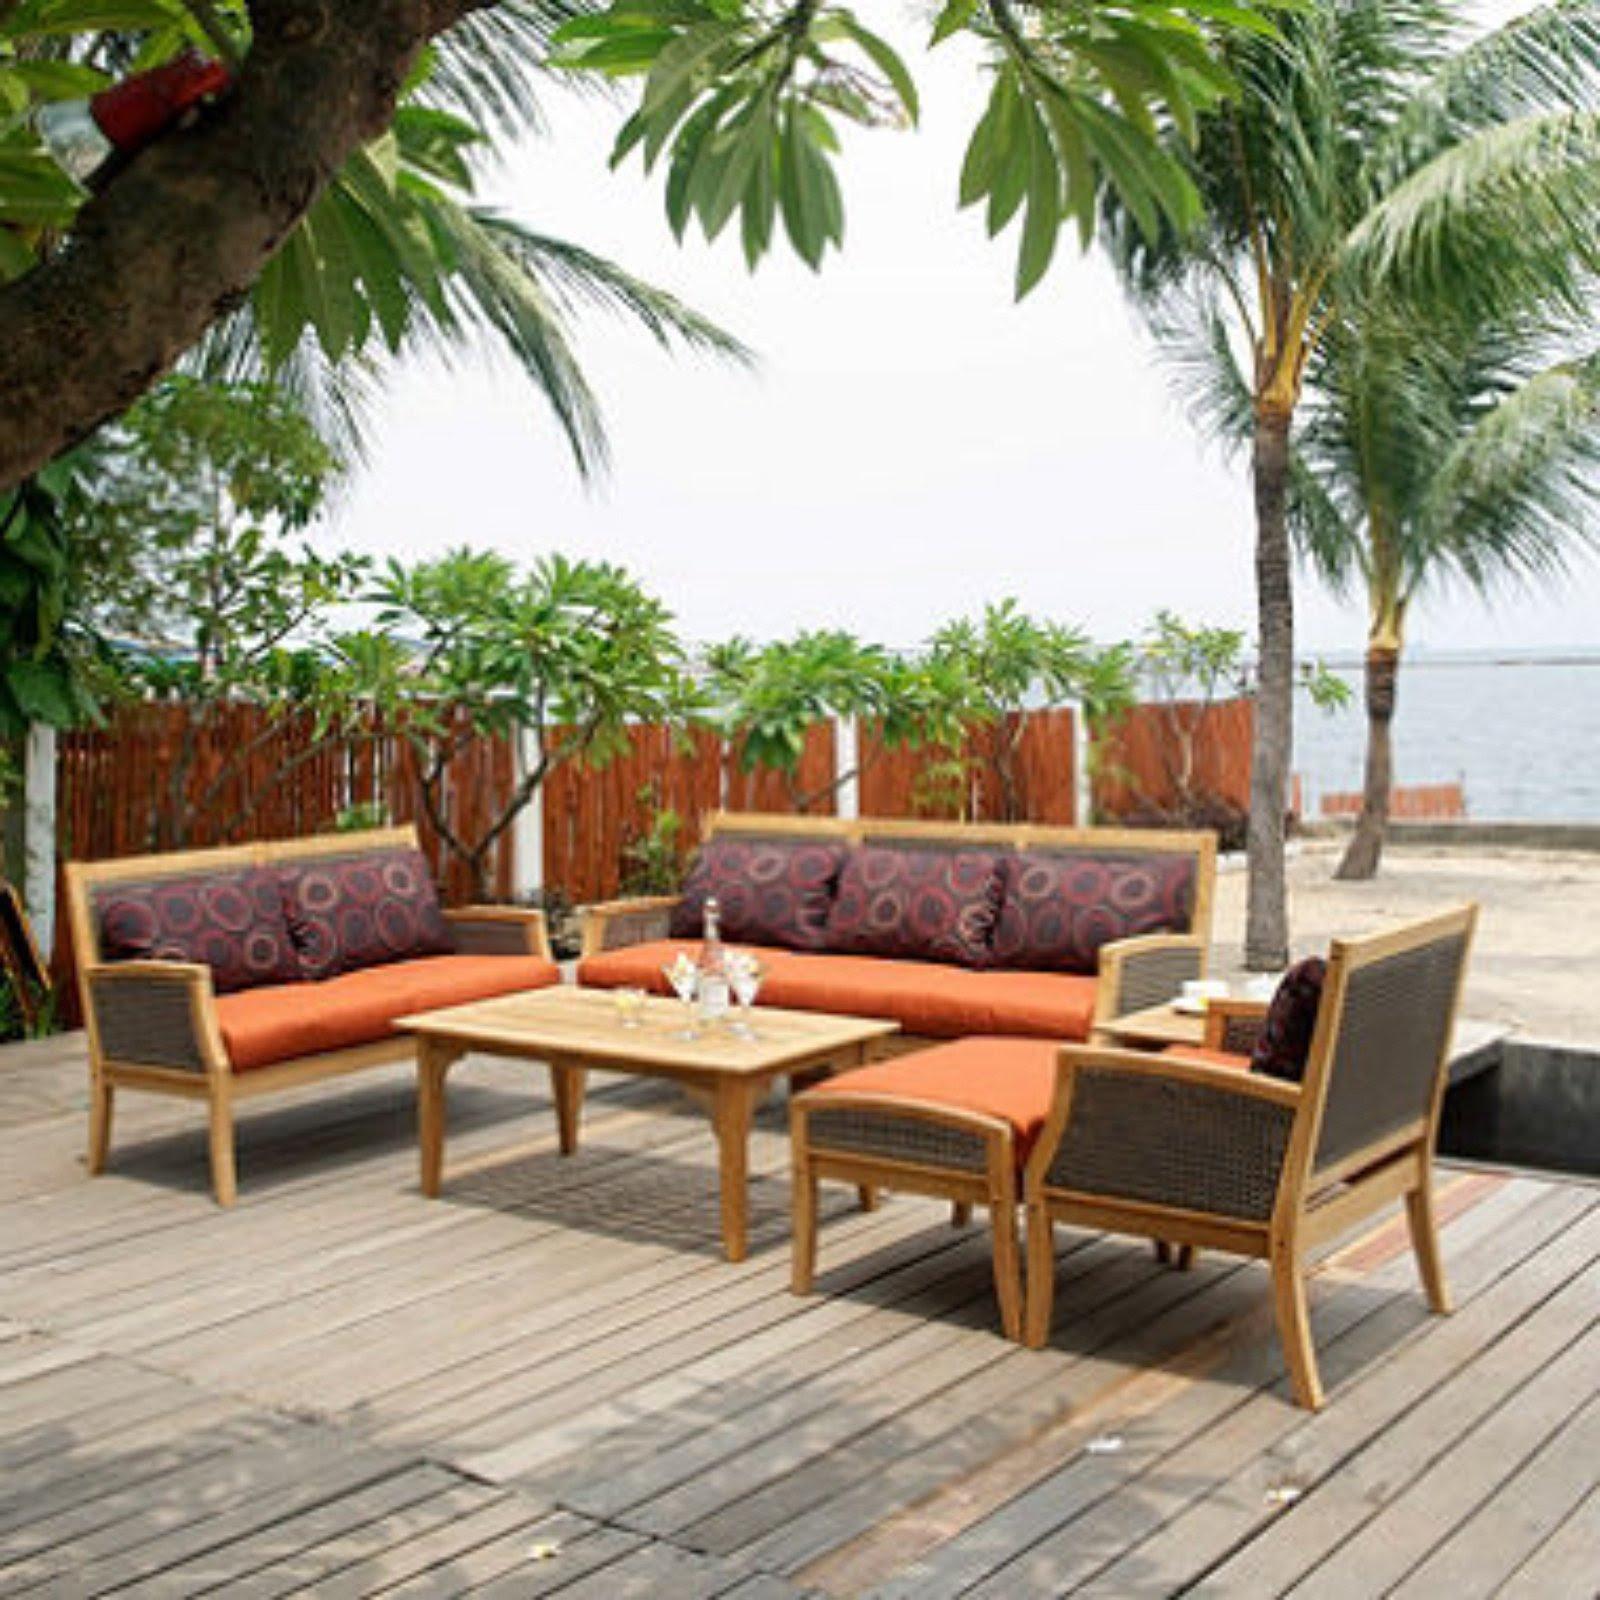 Kmart Patio Furniture Cushions - Home Furniture Design